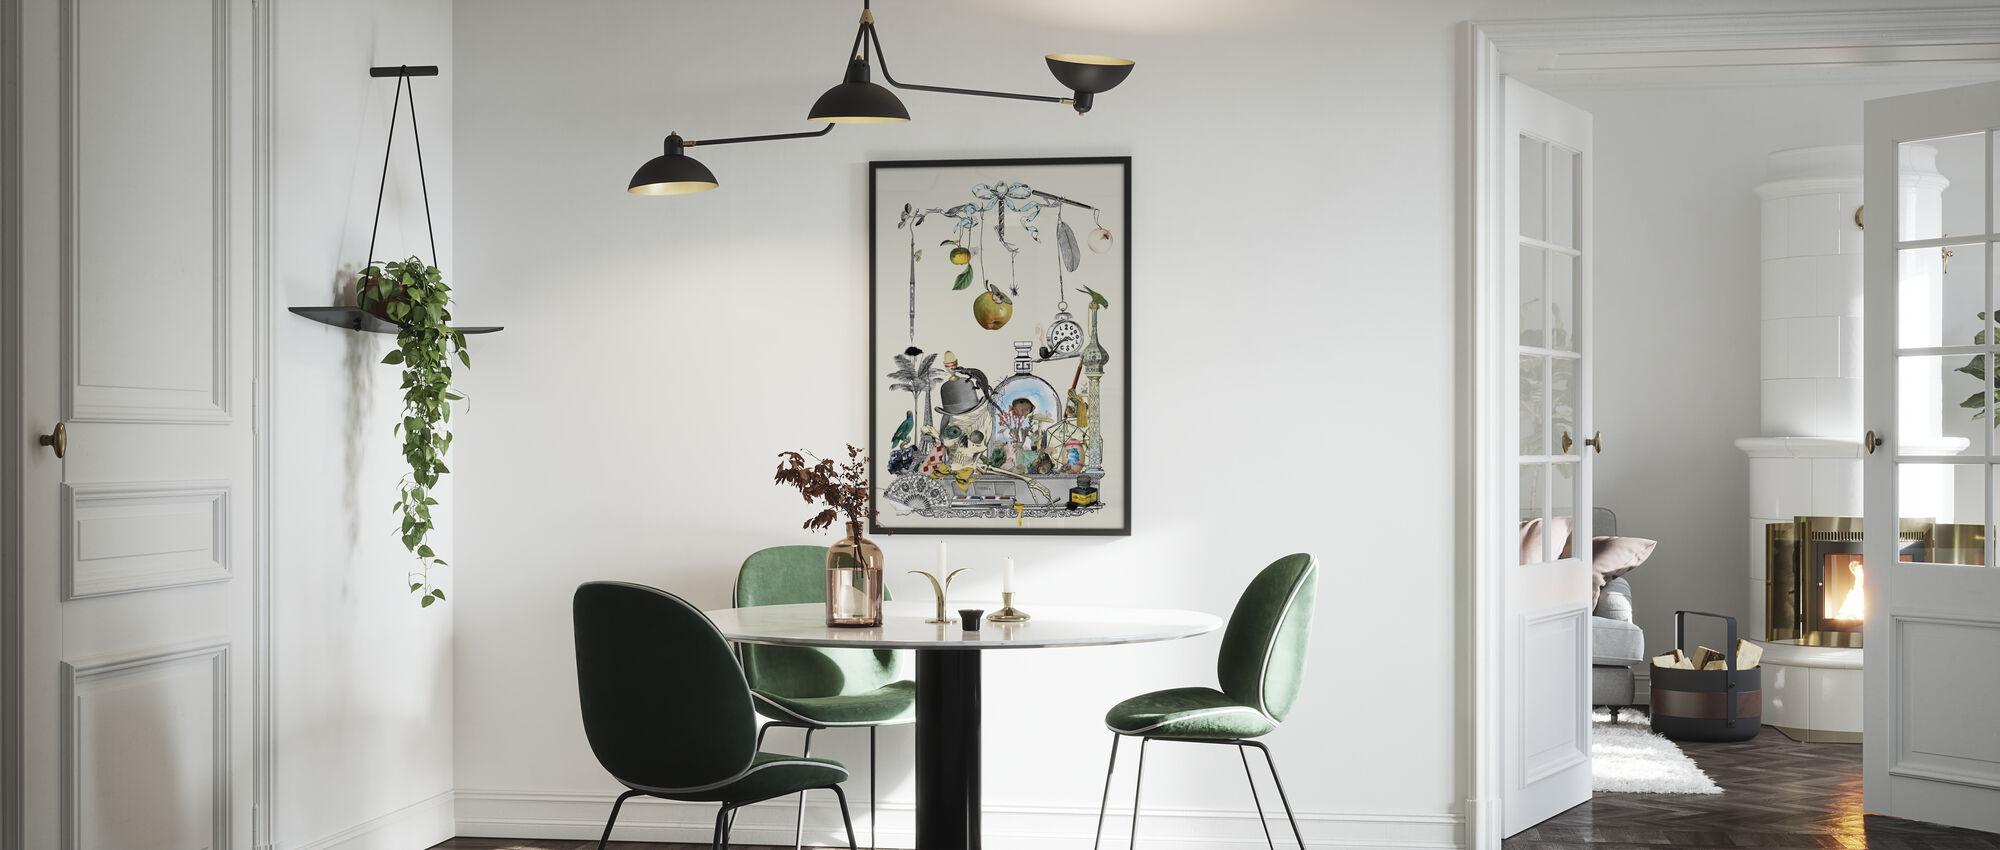 Hello aus die Wunderkammer - Poster - Küchen